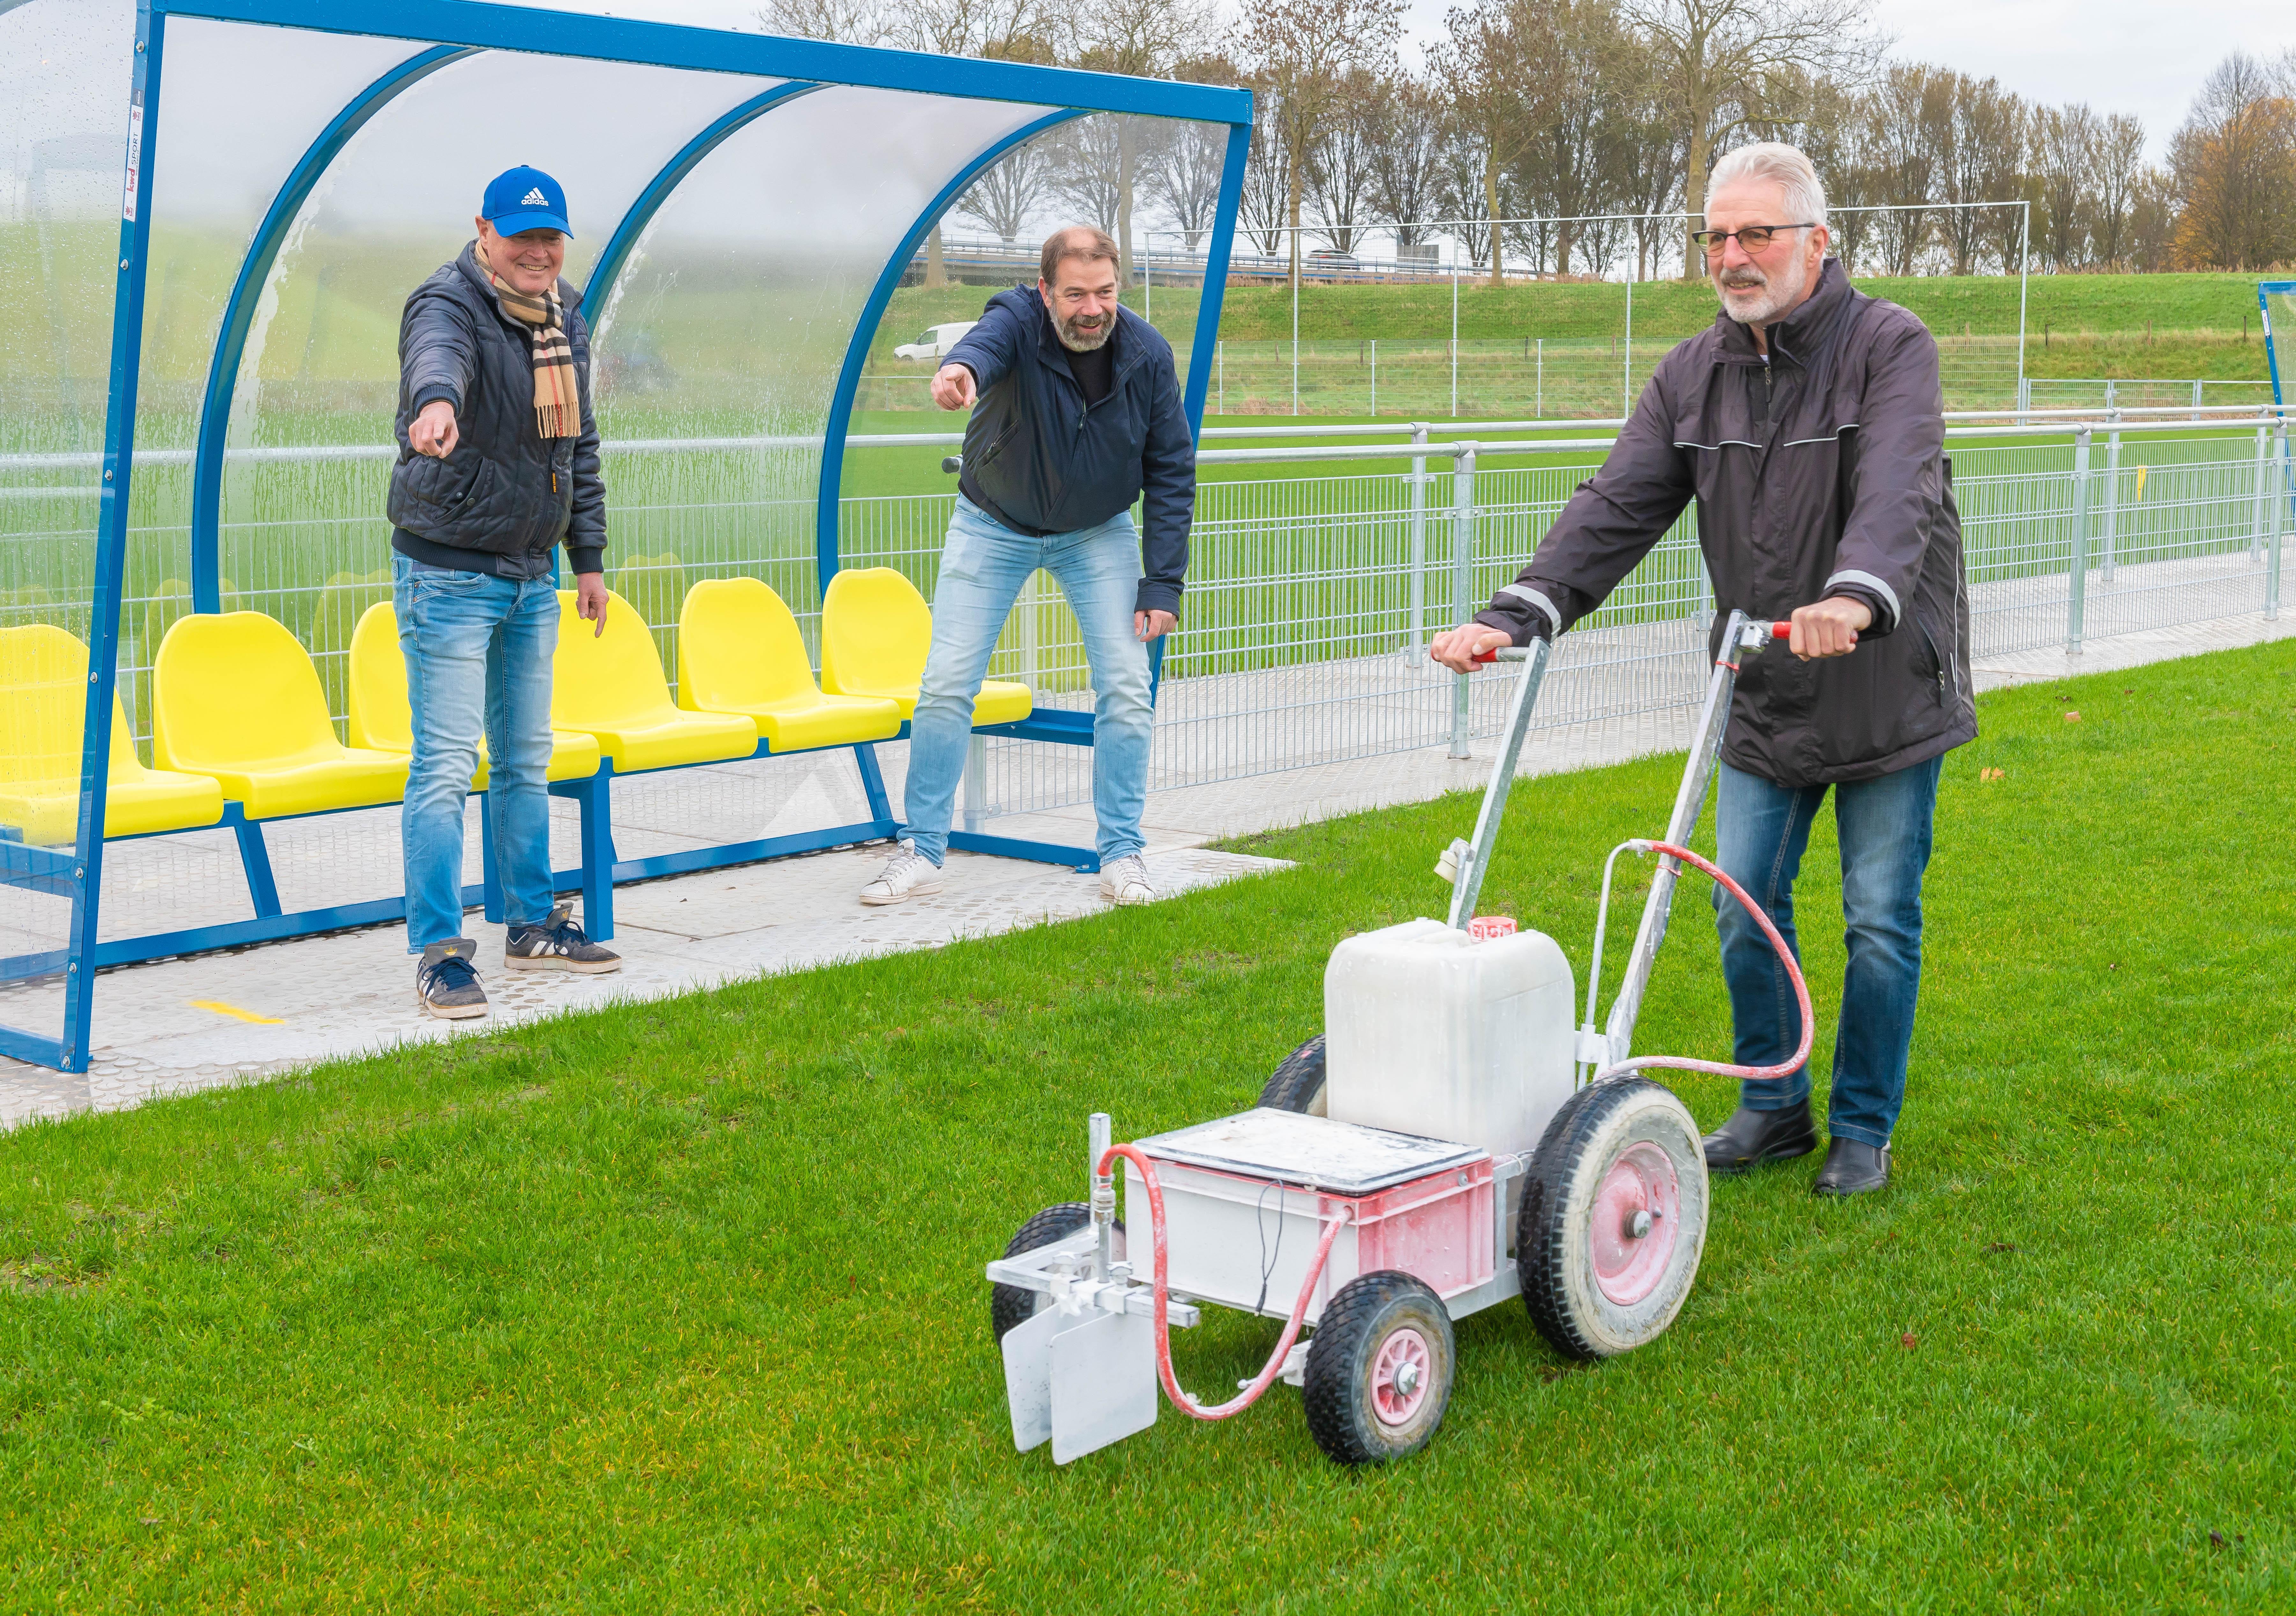 De bal kan weer volop rollen bij ZOB; voetbalclub in Zuidoostbeemster is klaar voor de toekomst met twee fonkelnieuwe duurzame velden